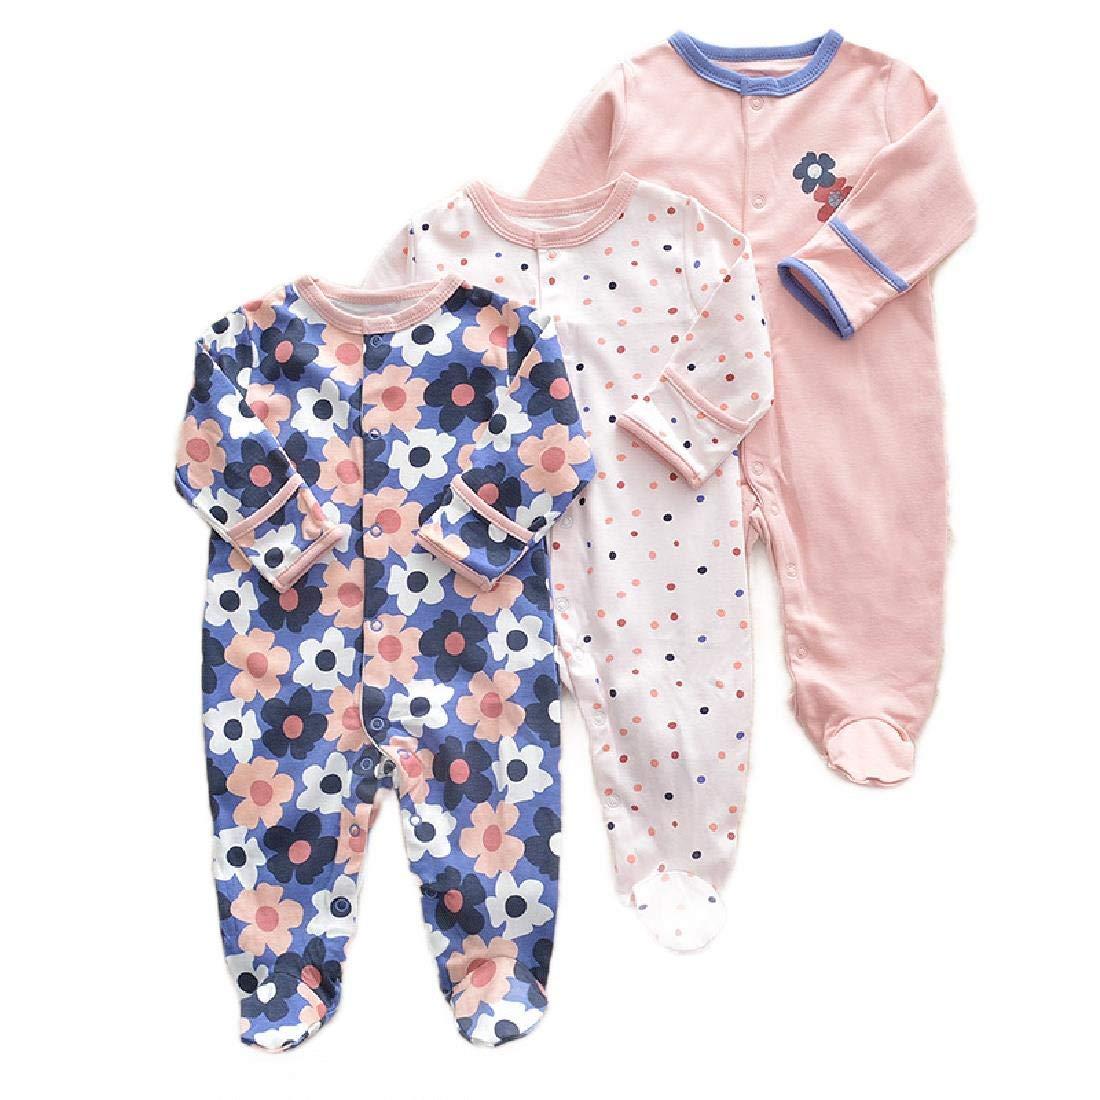 Pack of 3 HEFASDM Newborn Toddler Longsleeve Footed Romper Bodysuit Jumpsuit